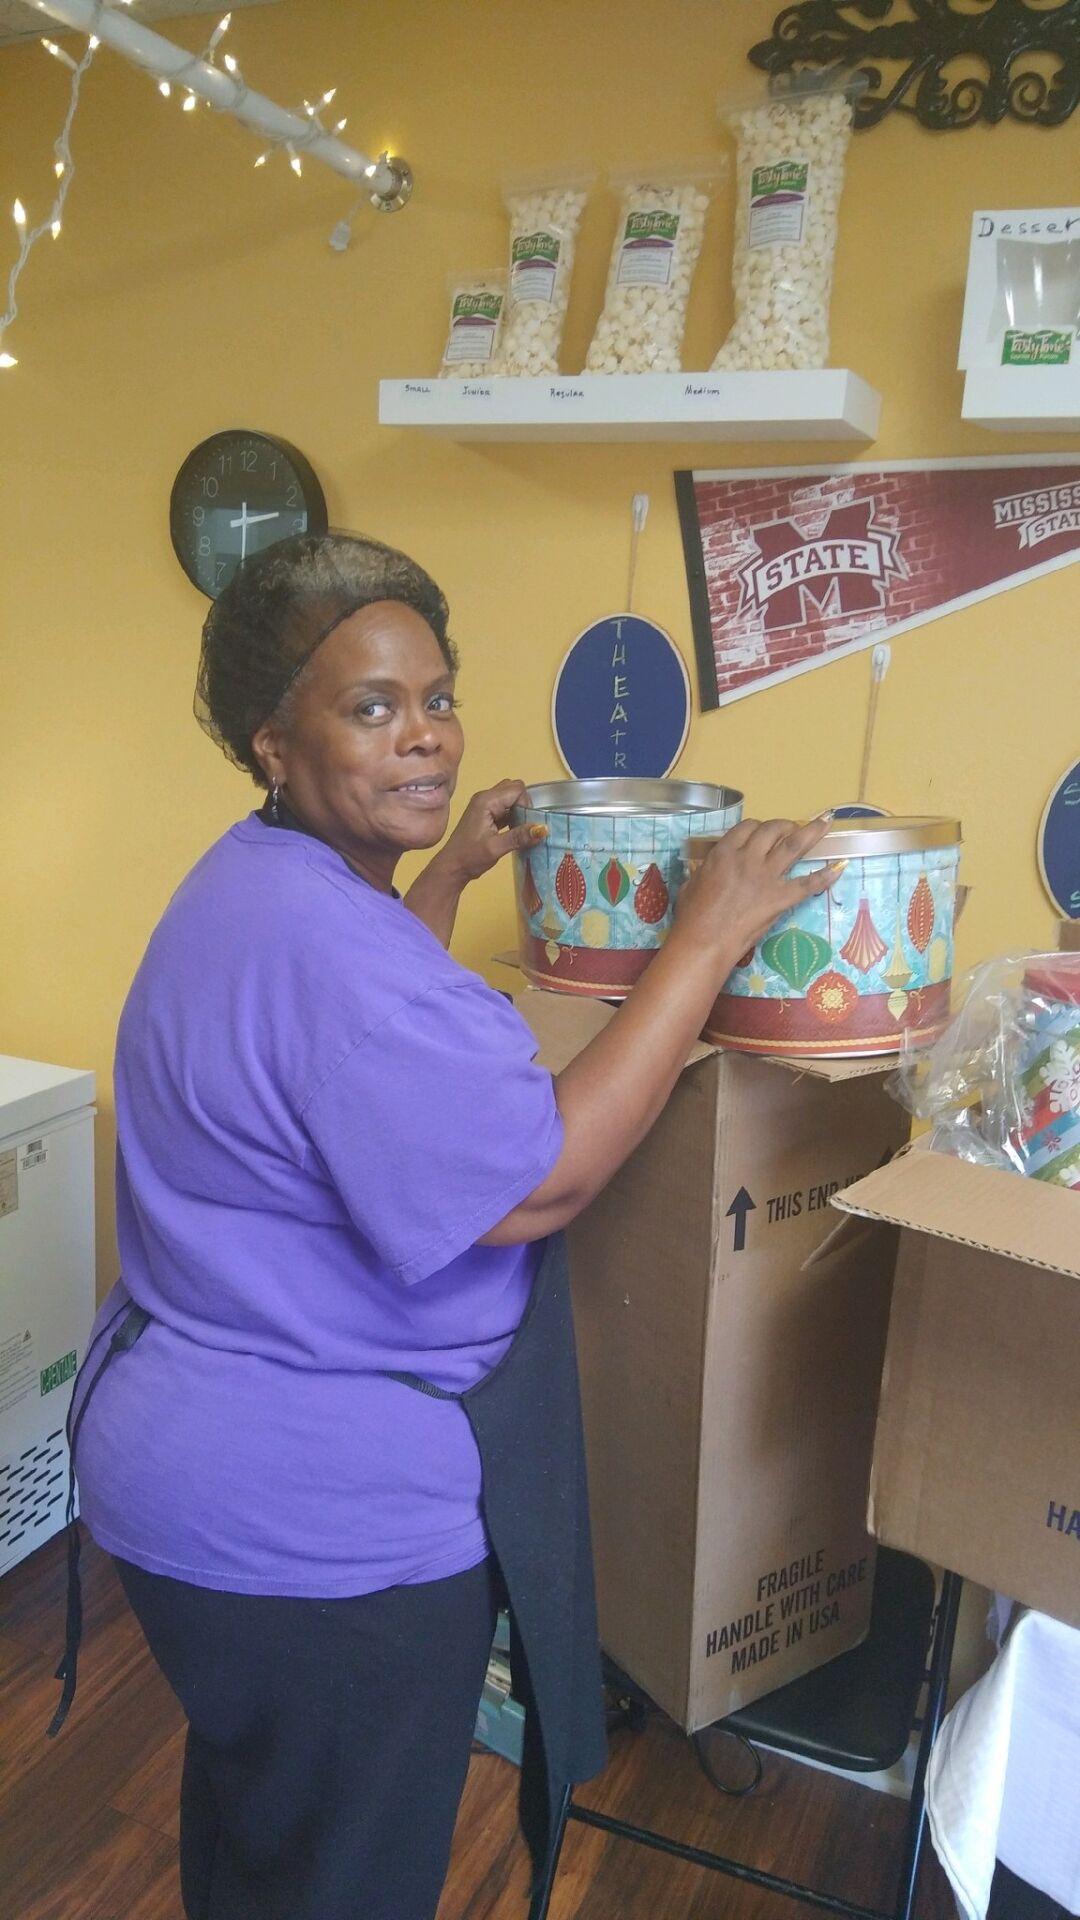 Starkville's Black restaurants thrive despite COVID shutdowns